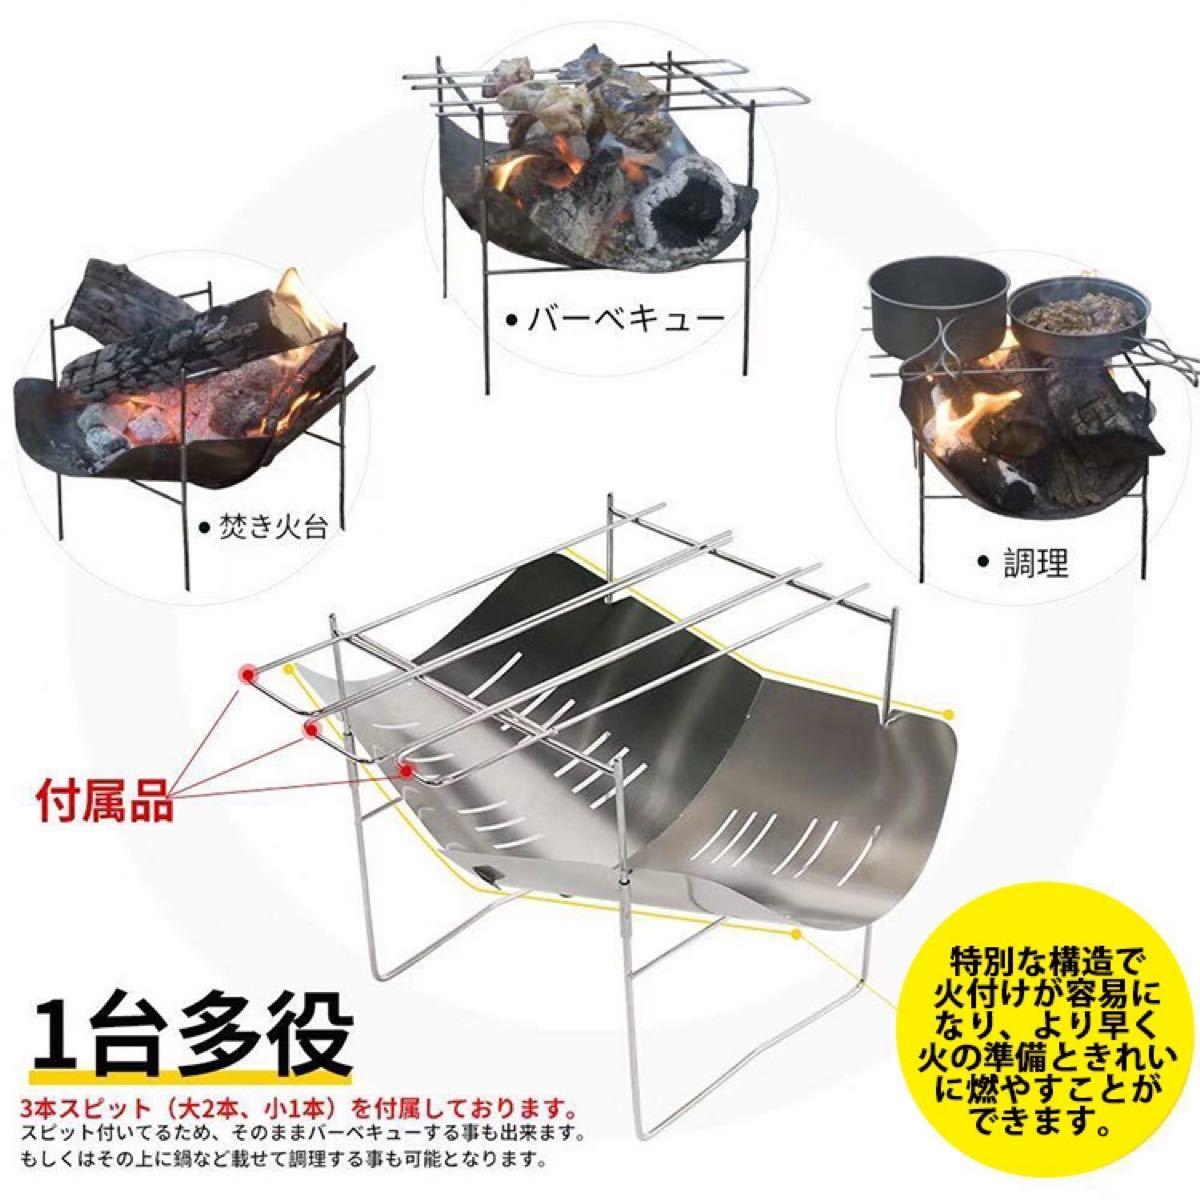 焚き火台 超人気 折り畳み式 頑丈で小型 バーベキューコンロ スピット3本付き A4サイズ ソロキャンプ